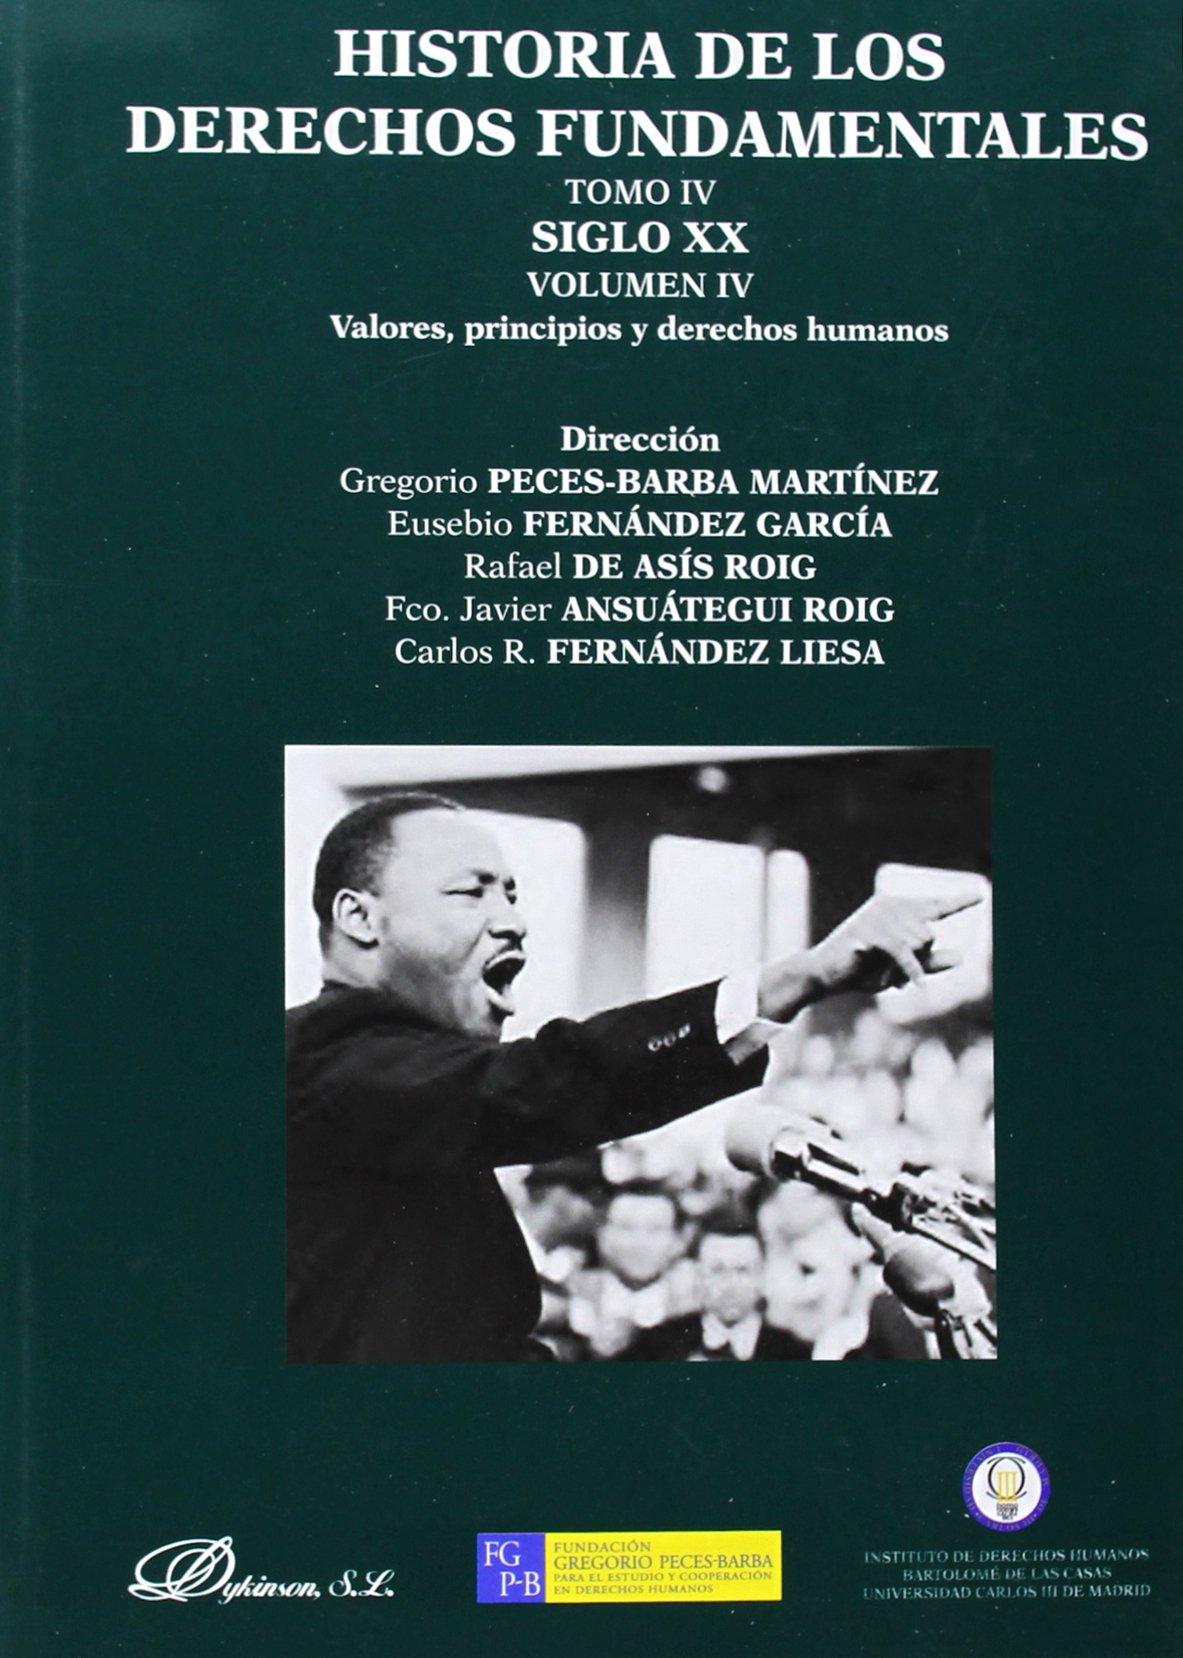 Historia de los derechos fundamentales. Tomo IV, Siglo XX. Vol. IV, Valores, principios y derechos humanos pdf